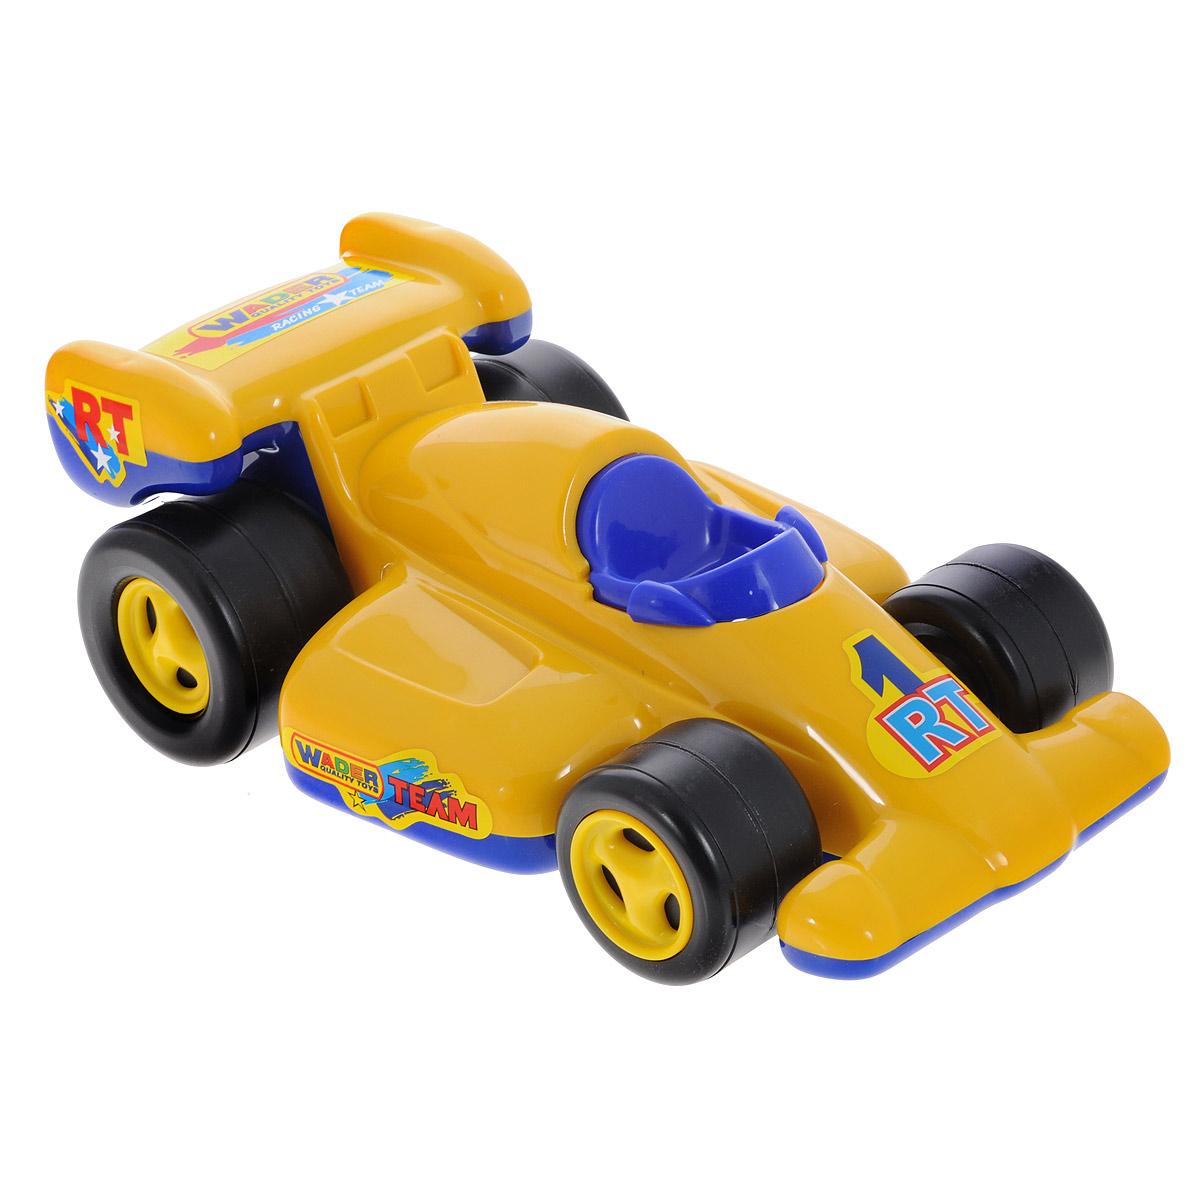 Полесье Машинка Формула цвет желтый синий8961_желто/синийМашинка Полесье Формула привлечет внимание вашего малыша и не позволит ему скучать! Игрушка выполнена из яркого полипропилена в виде гоночного болида. Колеса машинки широкие и устойчивые, что позволяет играть с ней на любых поверхностях. Размер машинки идеален для маленьких детских ручек. Такая игрушка поможет малышу развить мелкую моторику рук, координацию движений, фантазию, воображение и цветовое восприятие.